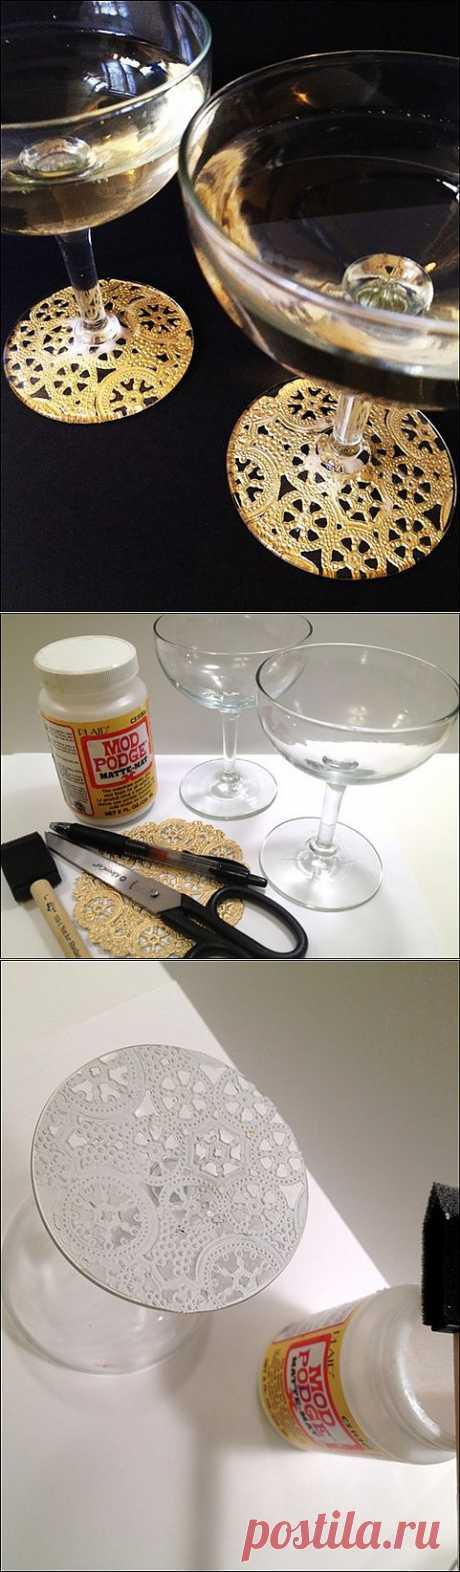 Идея как украсить бокалы к празднику (Diy) / Сервировка стола / Модный сайт о стильной переделке одежды и интерьера